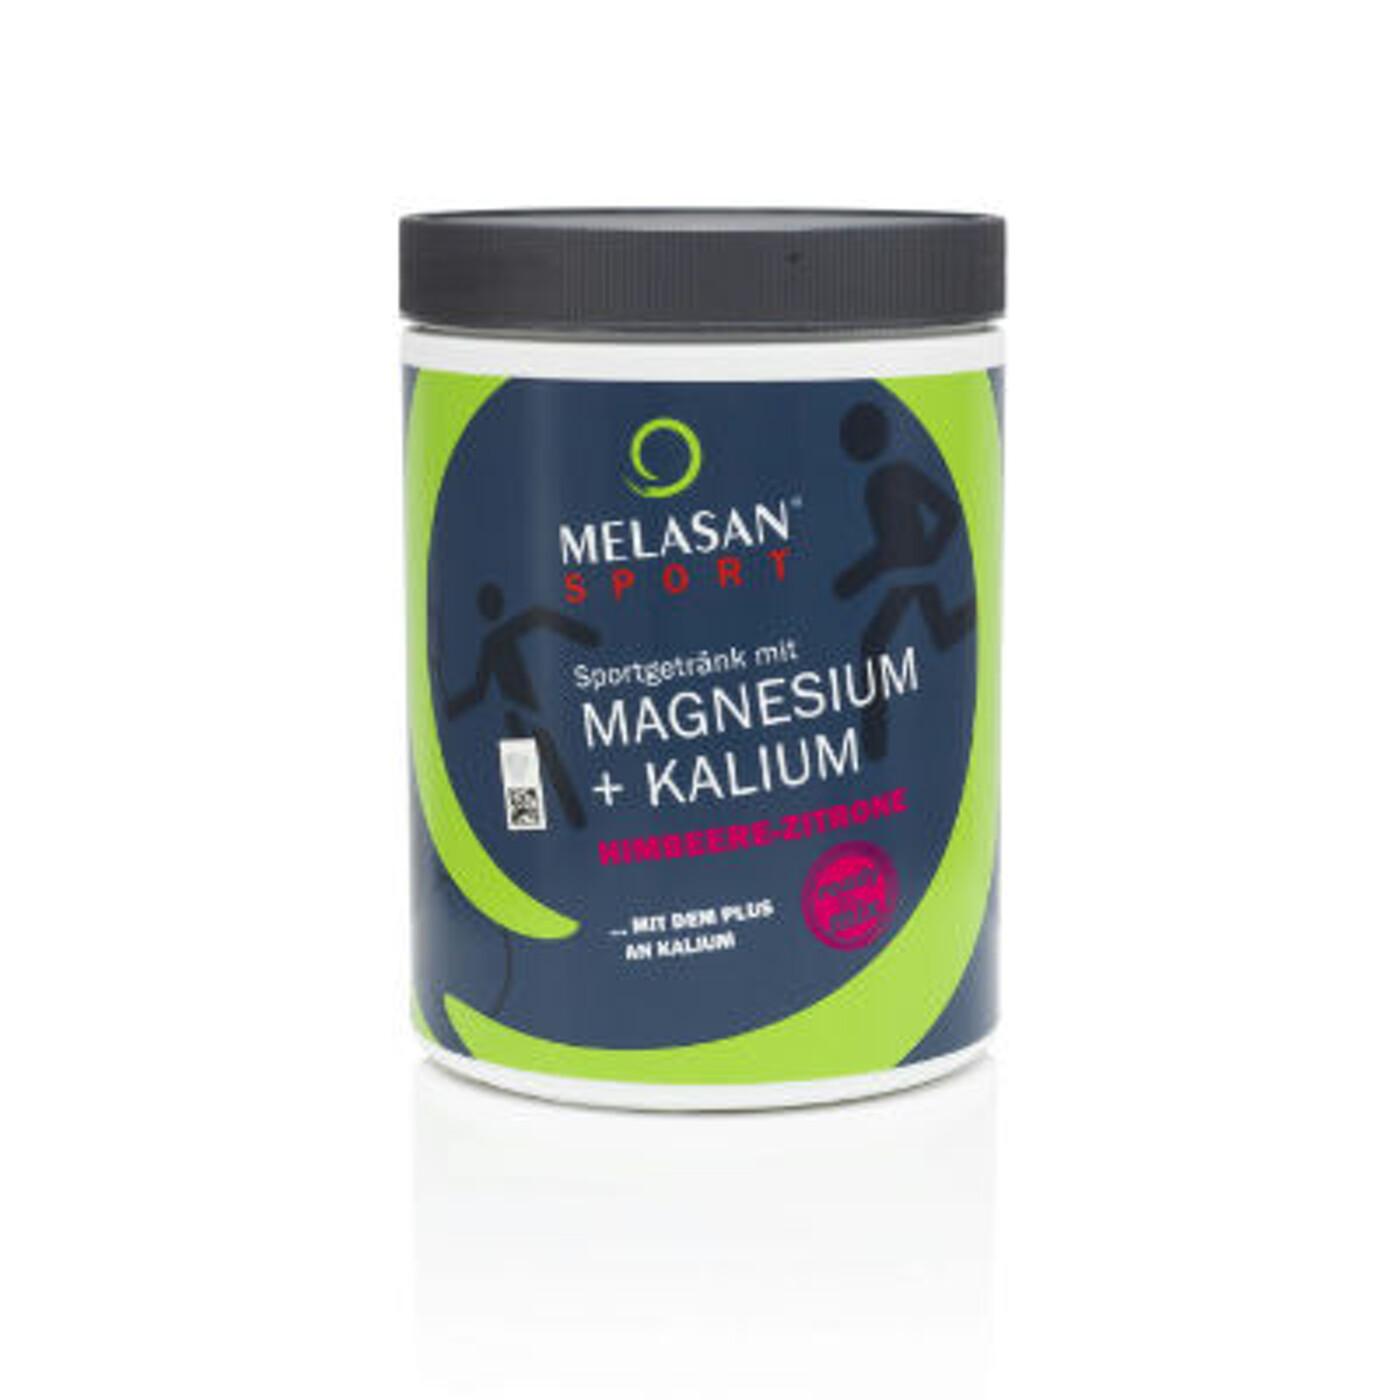 MELASAN Sportgetränk Magnesium+Kalium